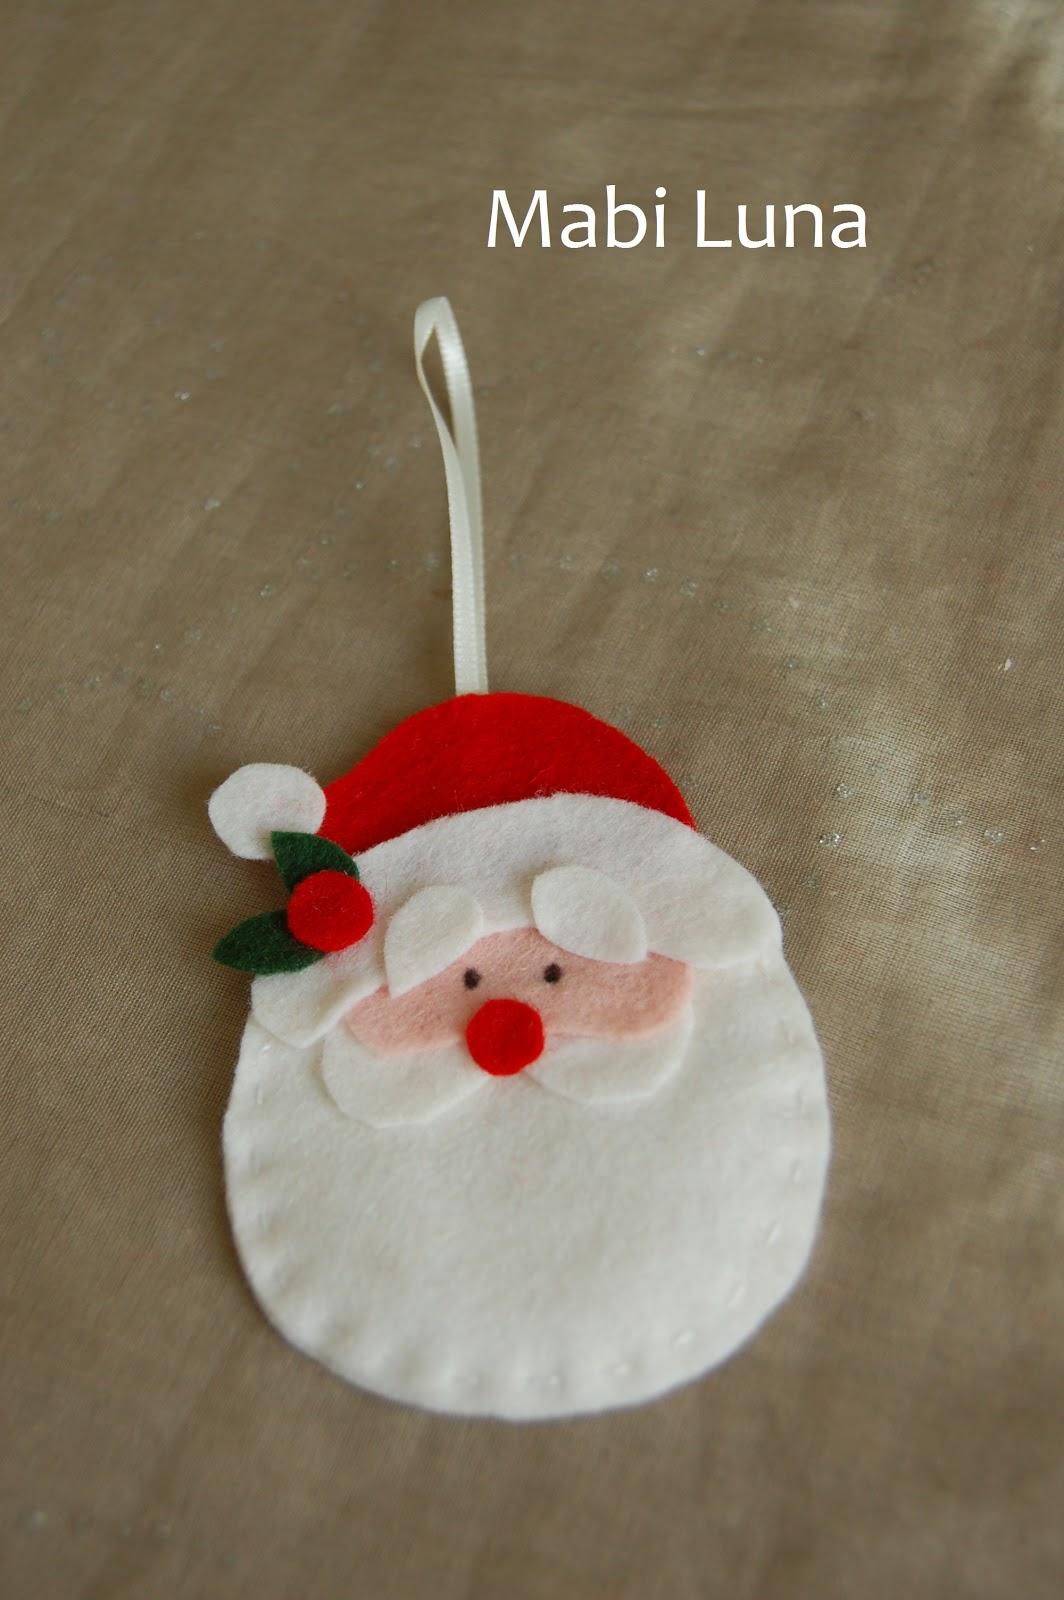 Mabi luna rbol de navidad de fieltro manualidades - Manualidades para navidades ...